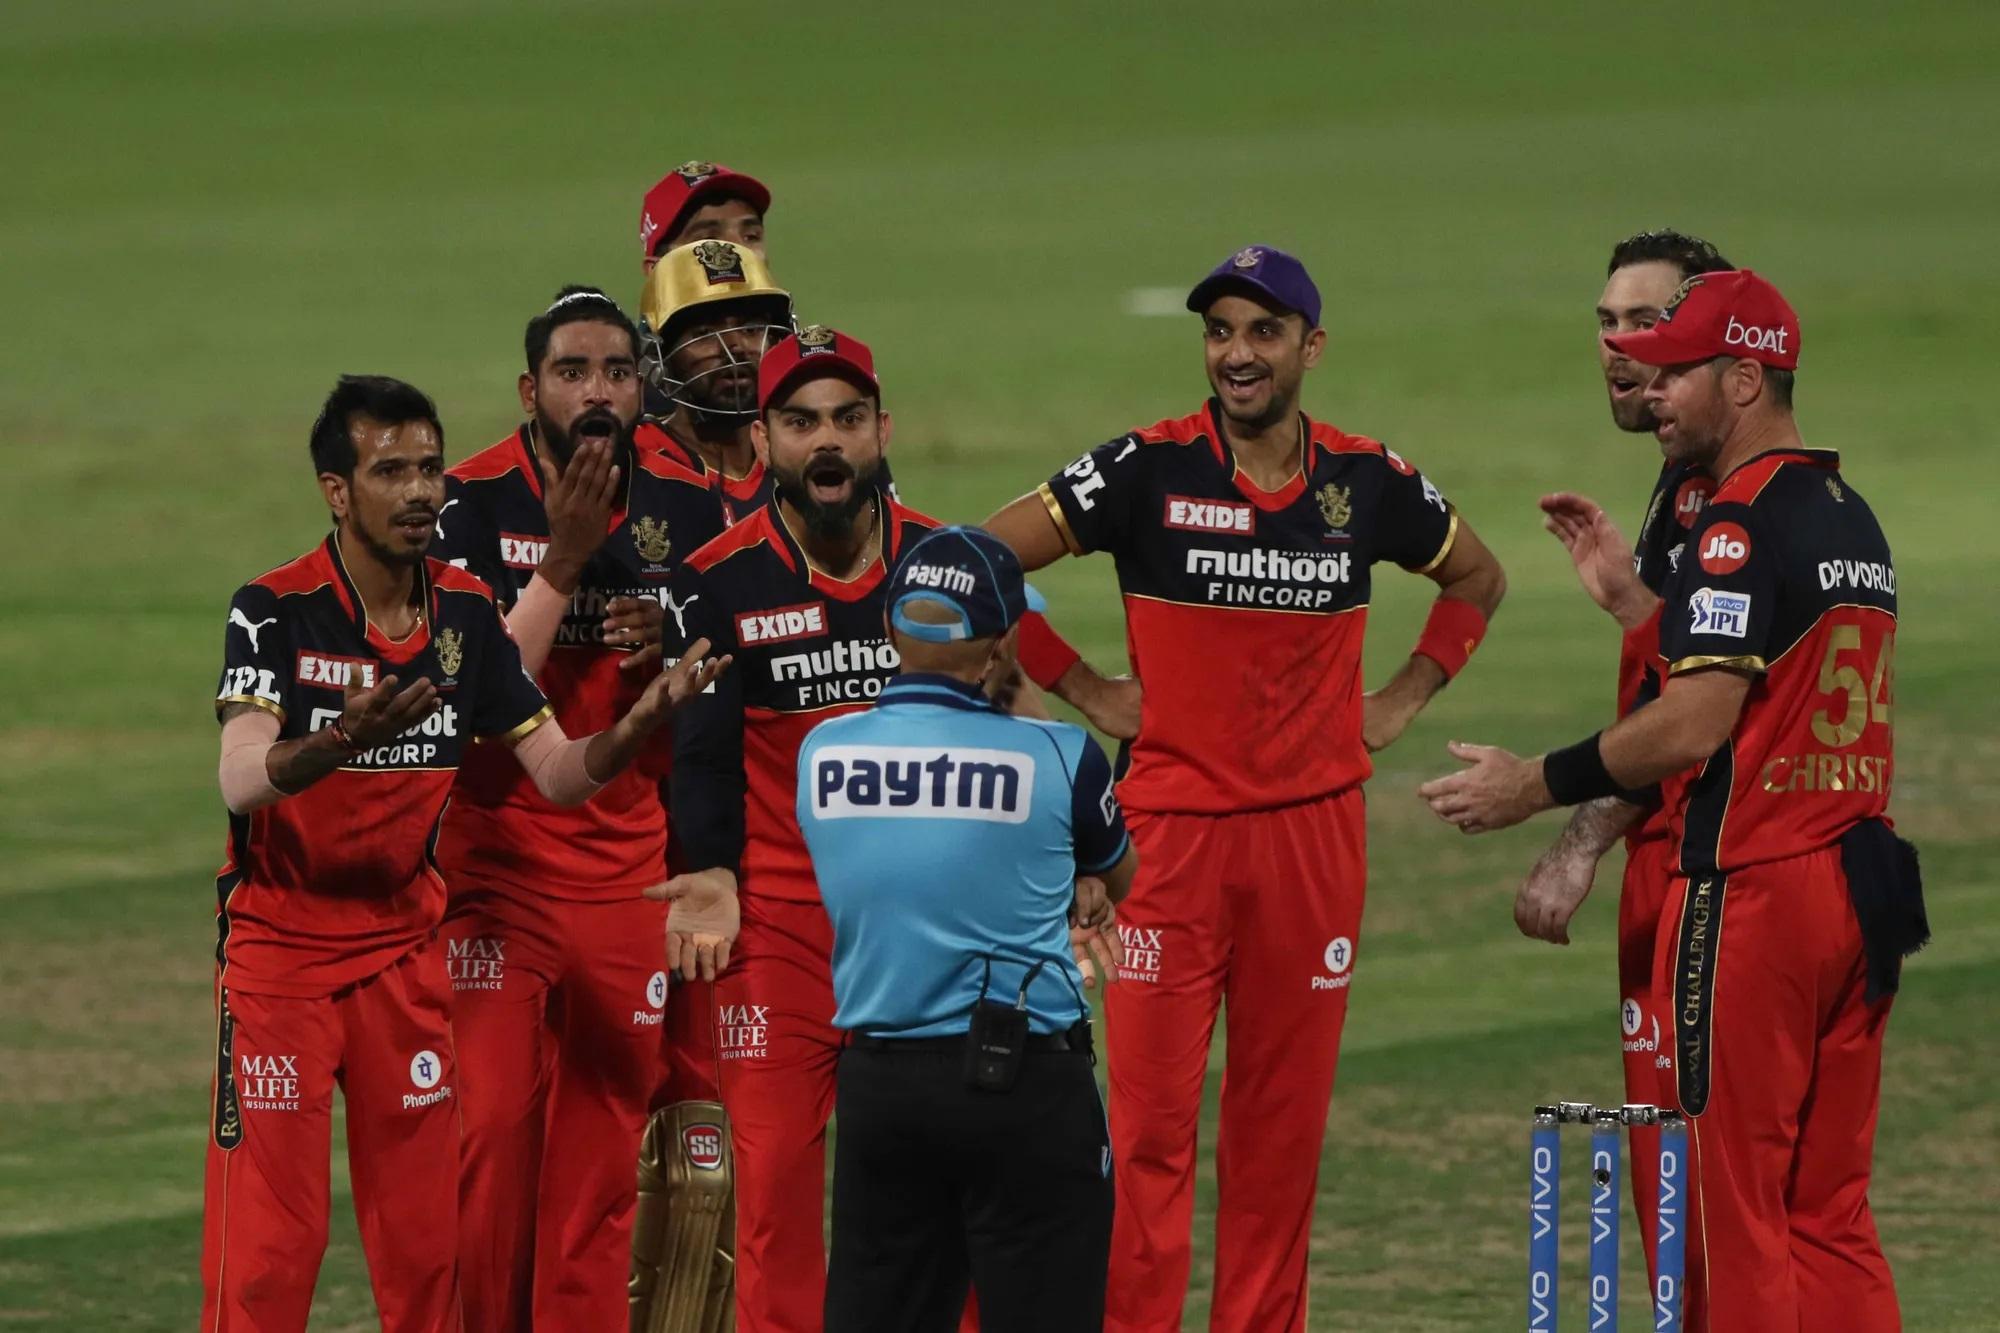 हालांकि इस लड़ाई में जीते कोहली ही, लेकिन जीत के बाद उनकी पूरी टीम ने अंपायर वीरेंद्र शर्मा को जिस तरह मुंह चिढ़ाकर गई, उसको कमेंट्री कर रहे गौतम गंभीर ने पूरी तरह से गलत ठहराया।